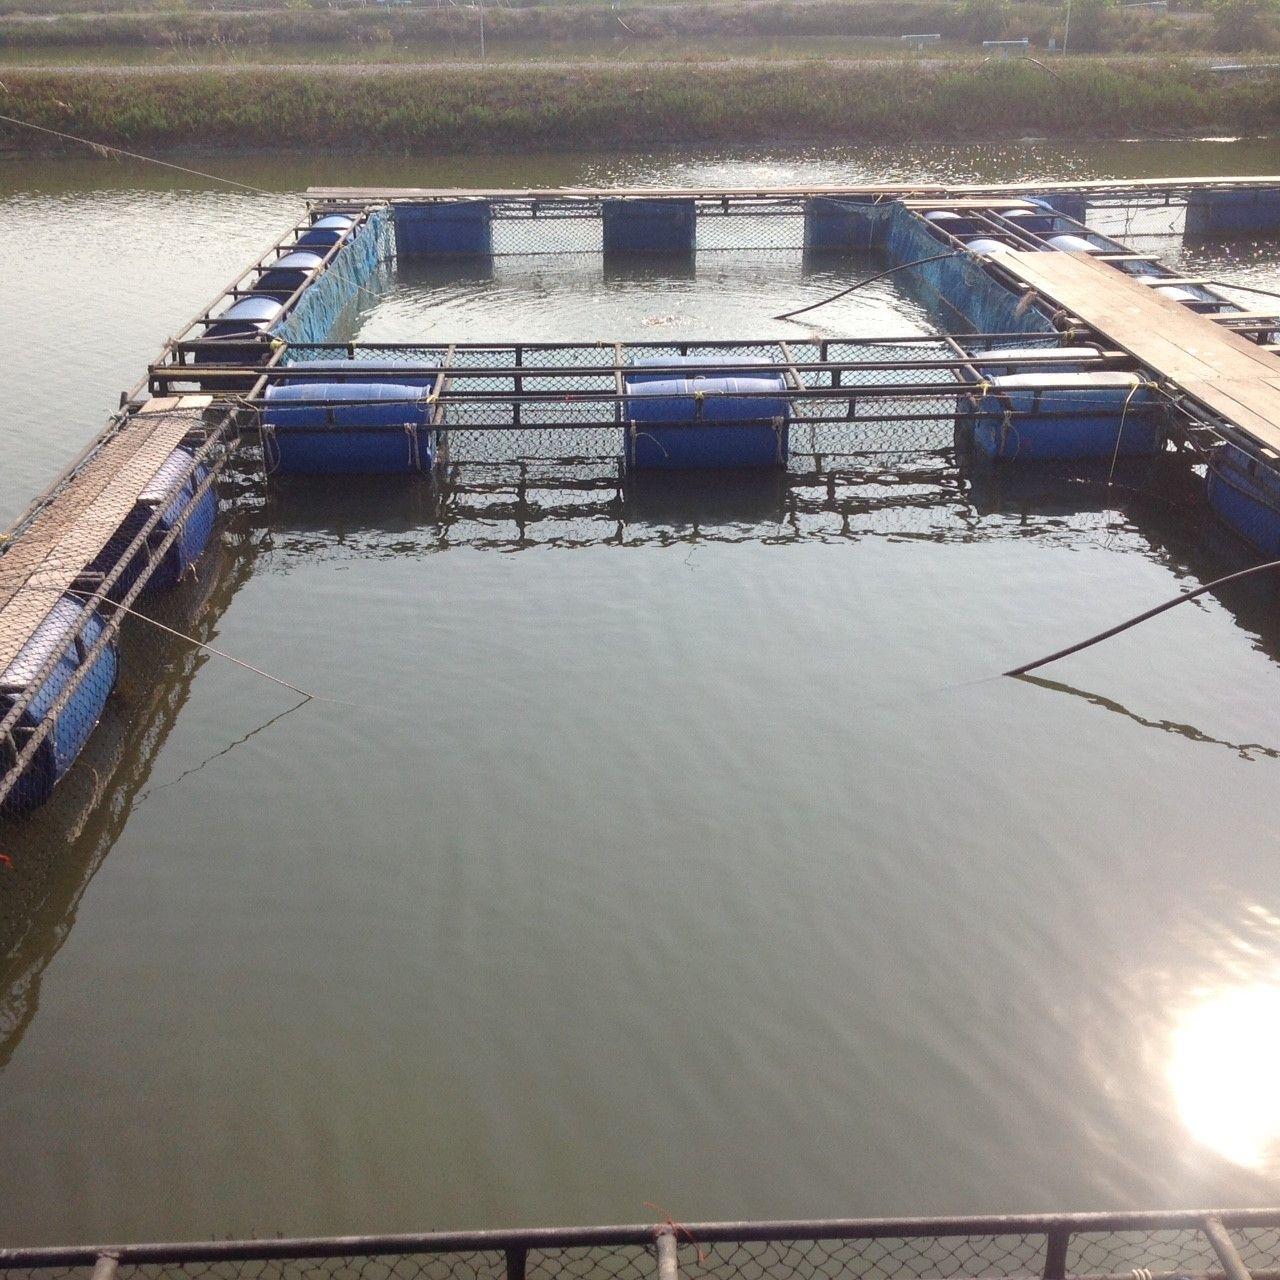 กระช งเล ยงปลาหายาก ณ โครงการฟาร มทะเลต วอย าง อำเภอบ านแหลม จ งหว ดเพชรบ ร Banlaem Phetchaburi สถานท ท องเท ยว มอเตอร ไซค